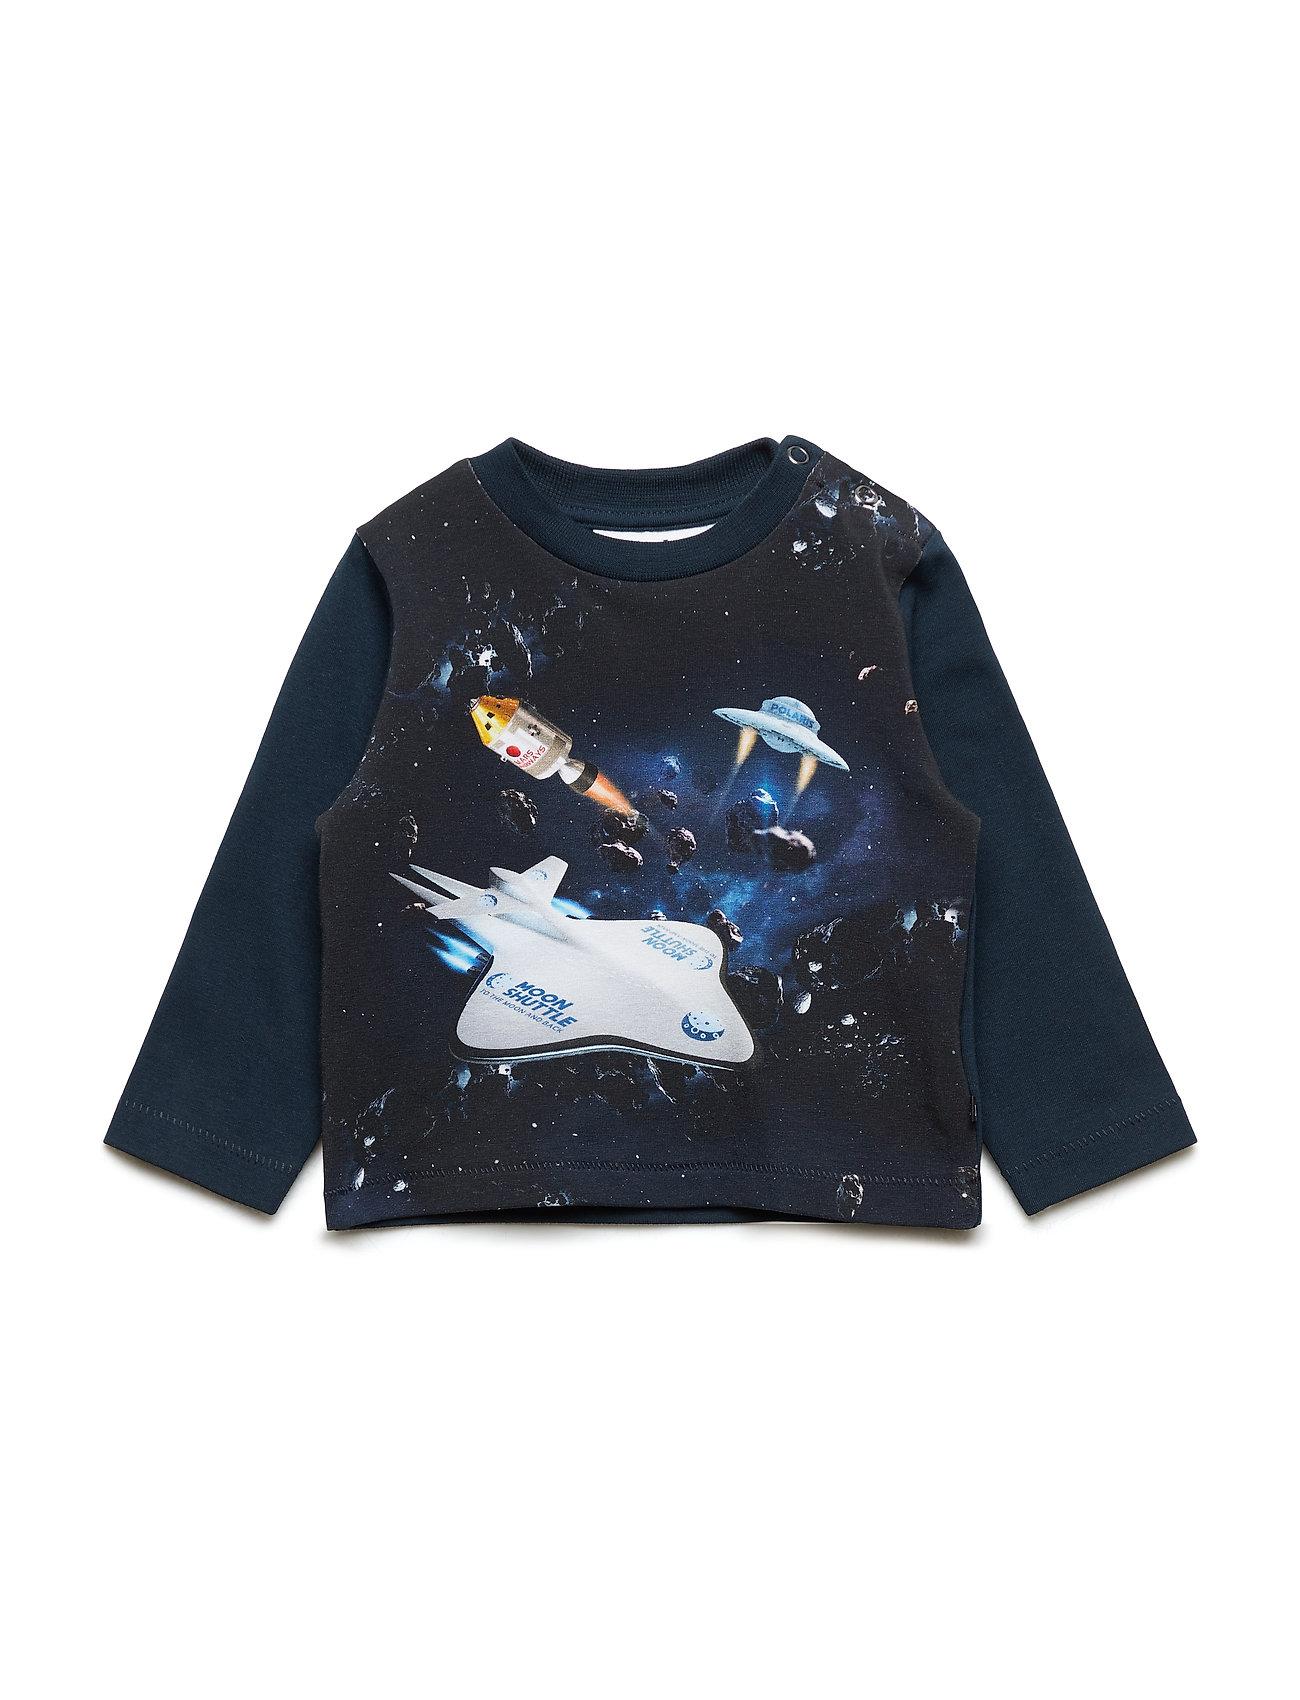 Molo Enovan - SPACE SCENARIO